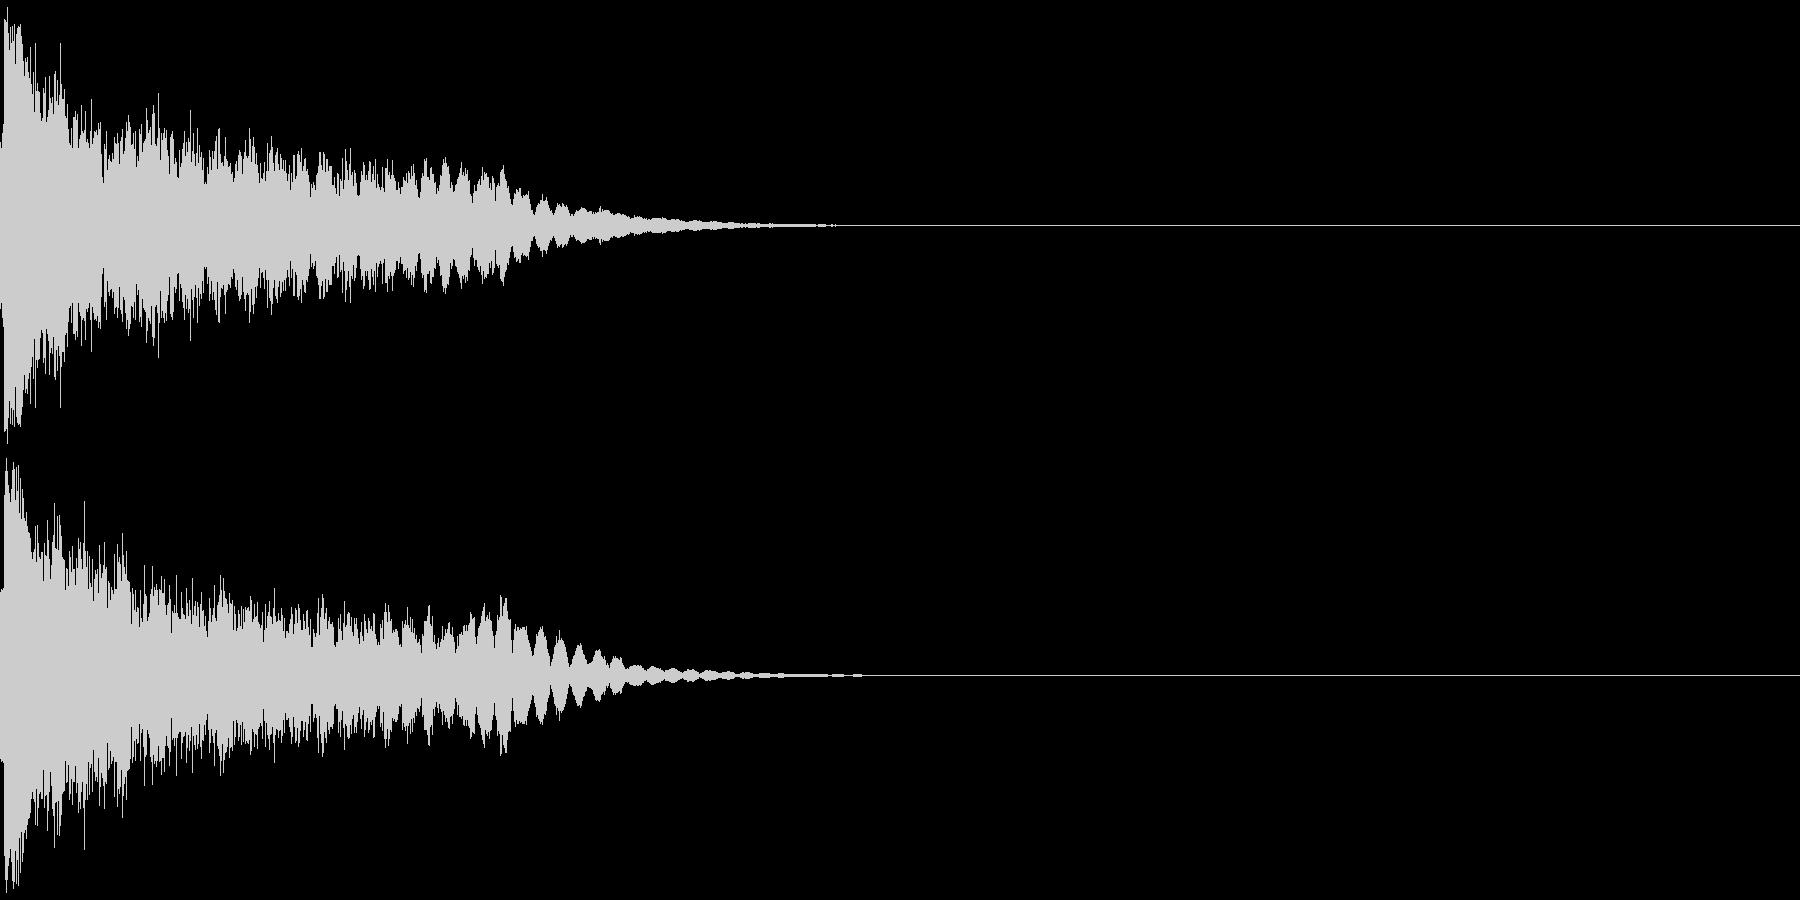 刀 剣 ソード カキーン キュイーン14の未再生の波形